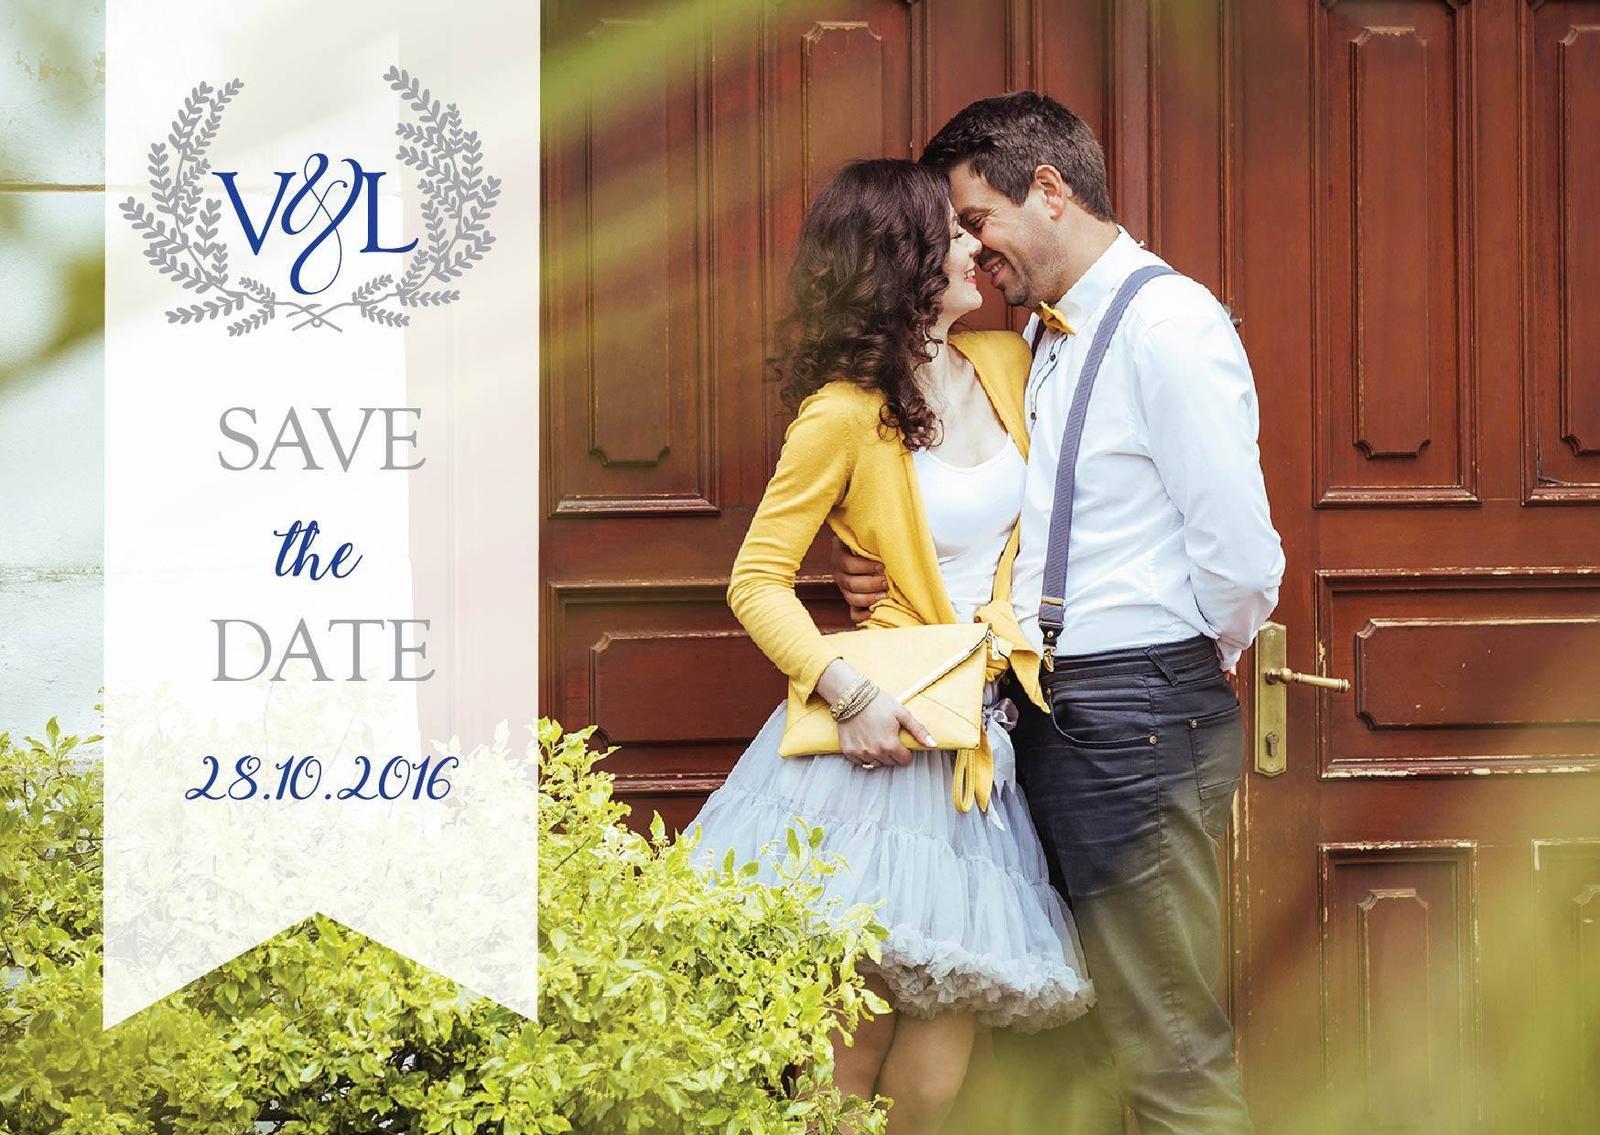 A tu je naše Save the date :) - Obrázok č. 1